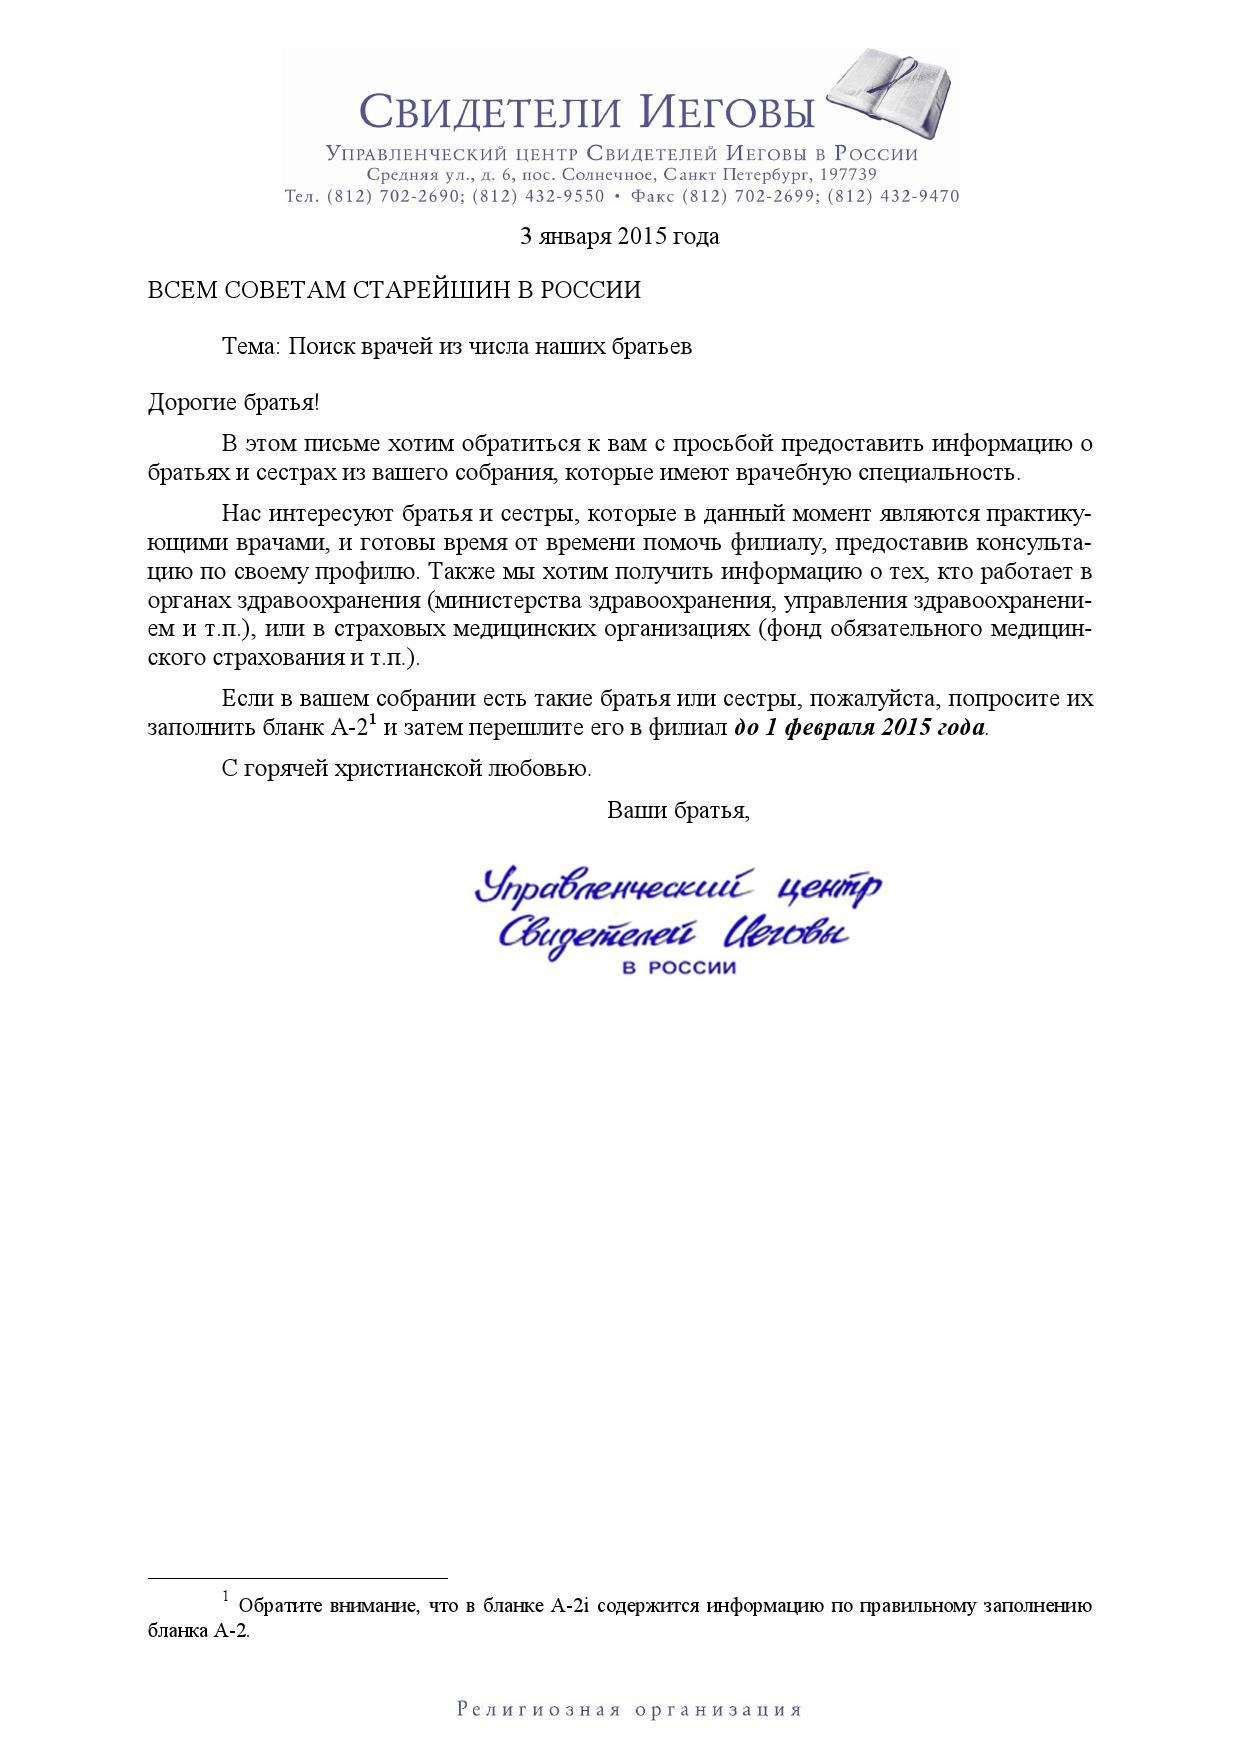 L-20150103-U-Rus-HLC (поиск врачей-СИ)_000001